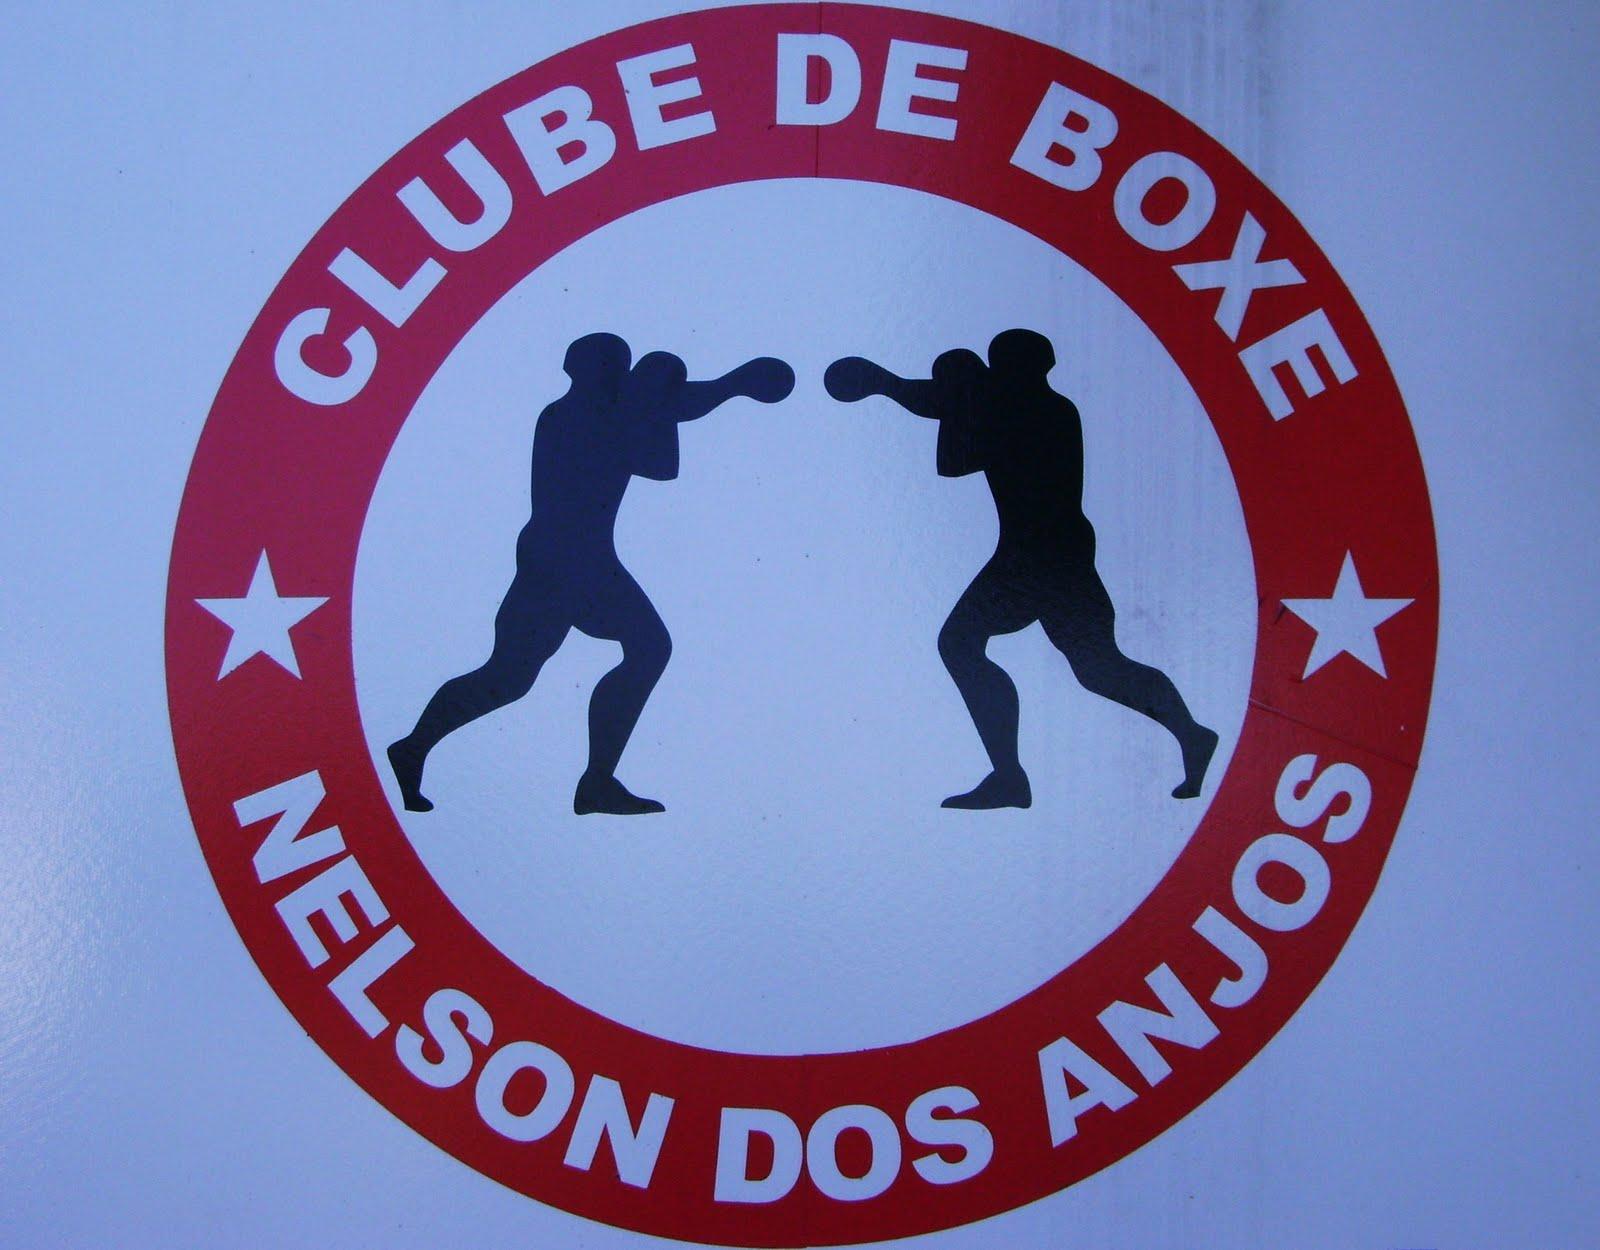 CLUBE DE BOXE NELSON DOS ANJOS